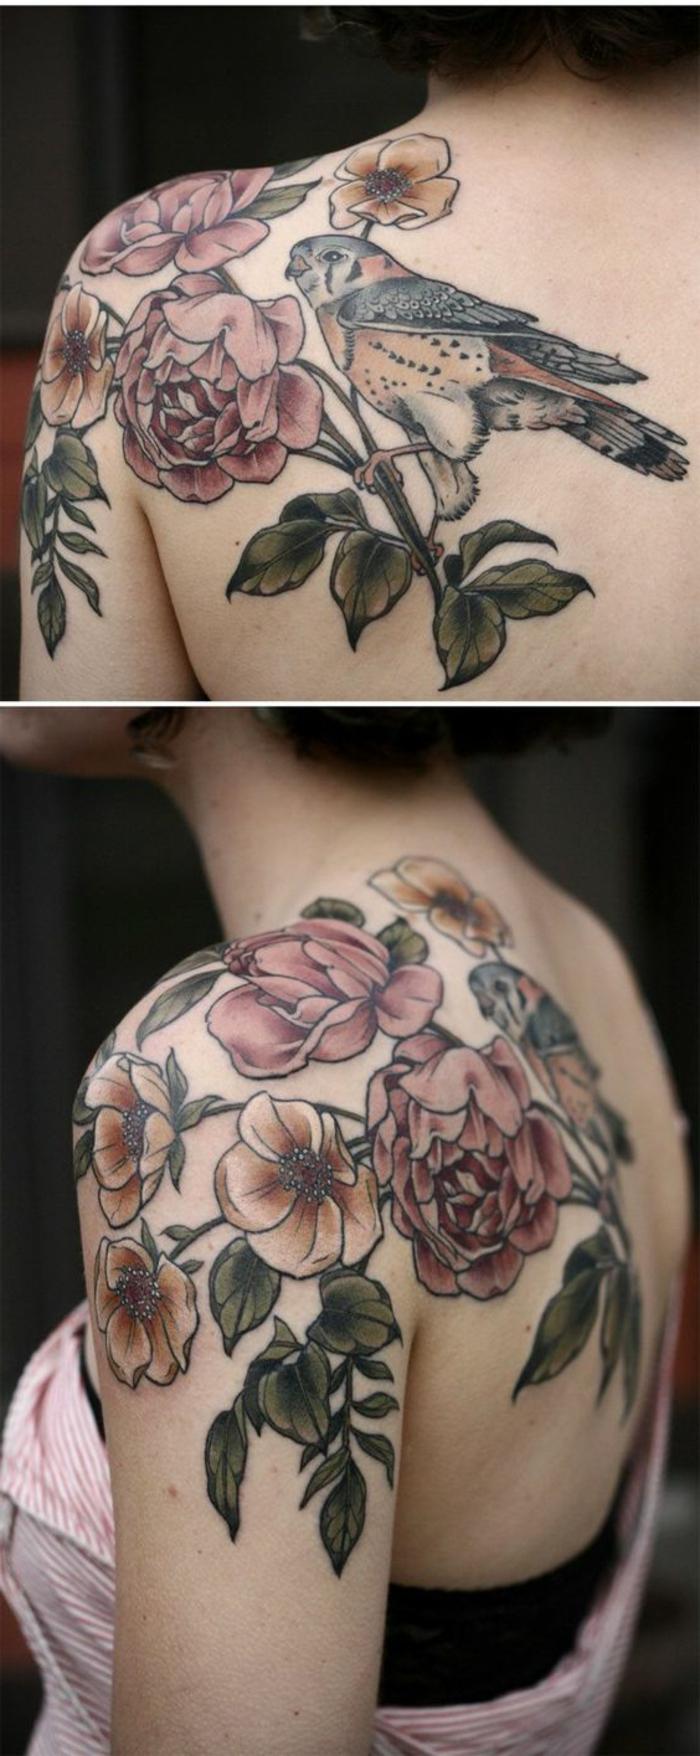 Le tatouage pivoine \u2013 découvrez la magie des dessins floraux symboliques